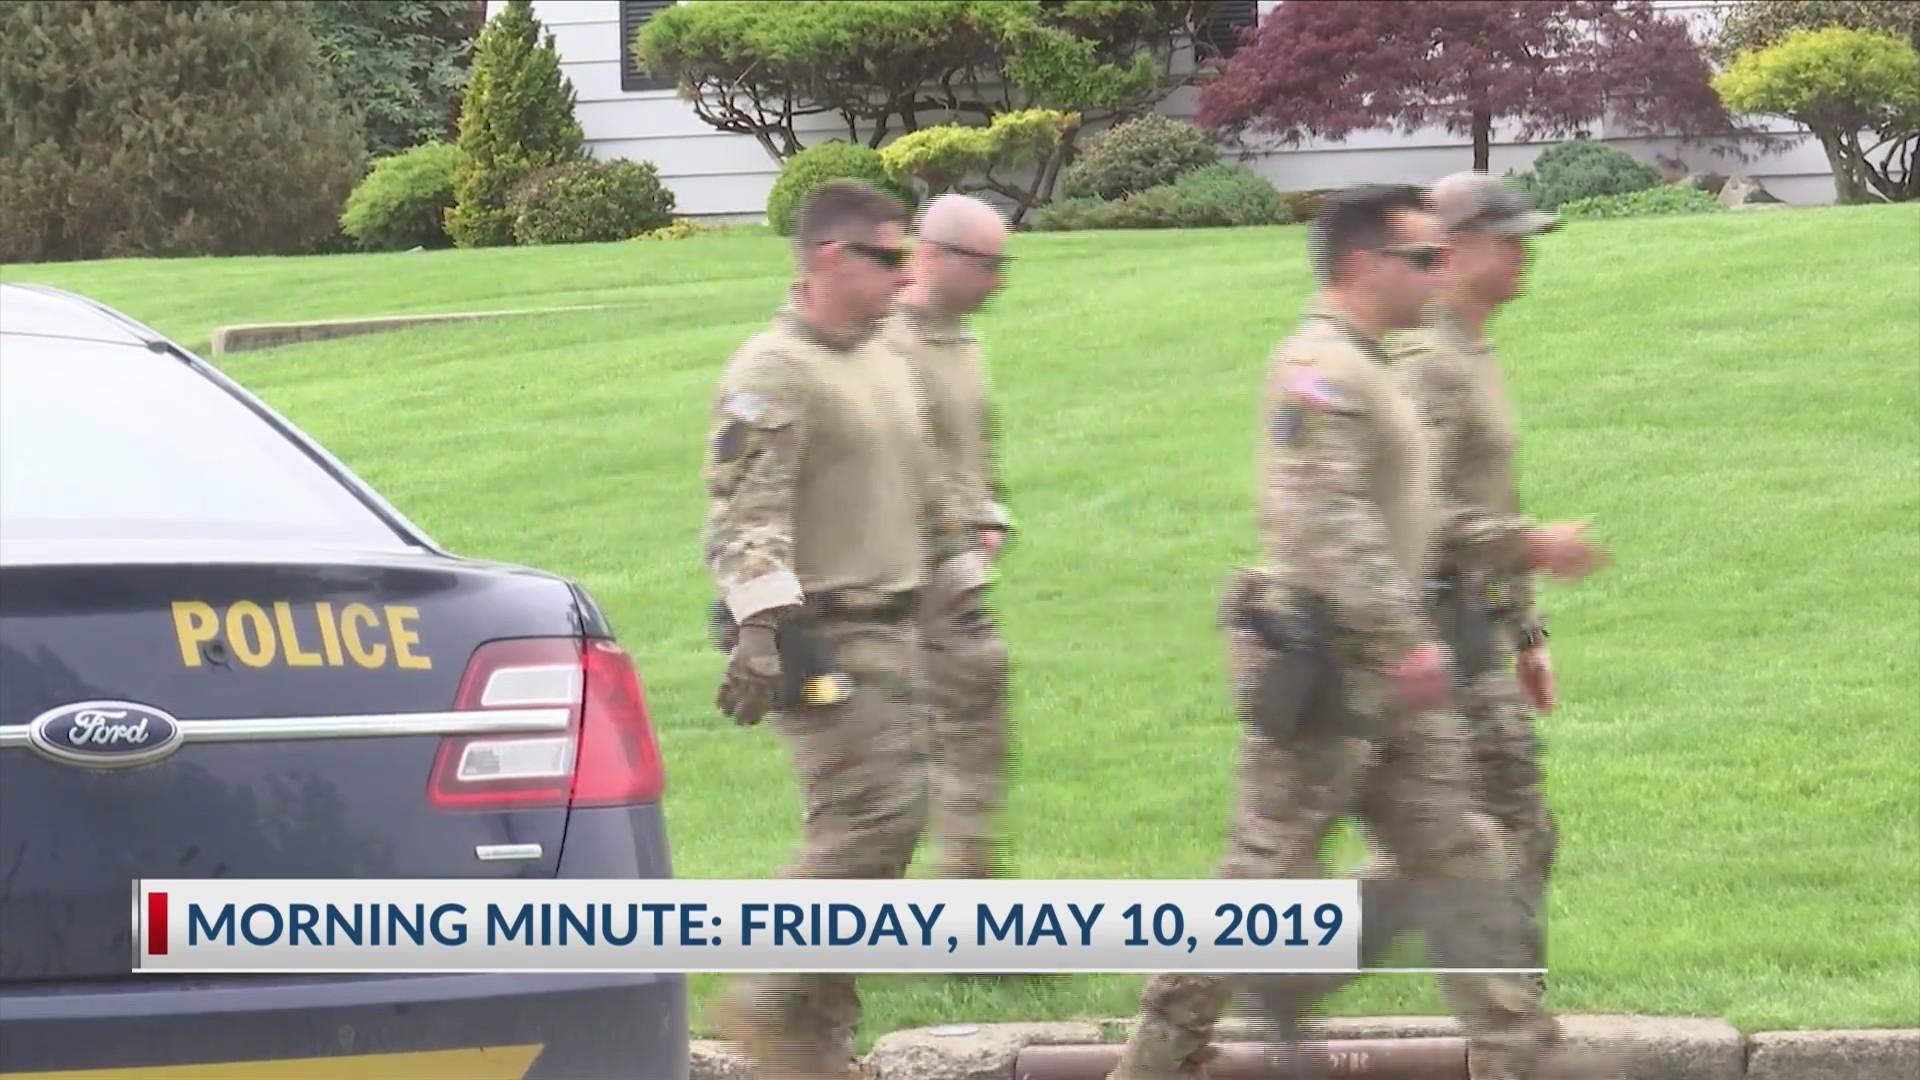 Morning Minute: Friday, May 10, 2019